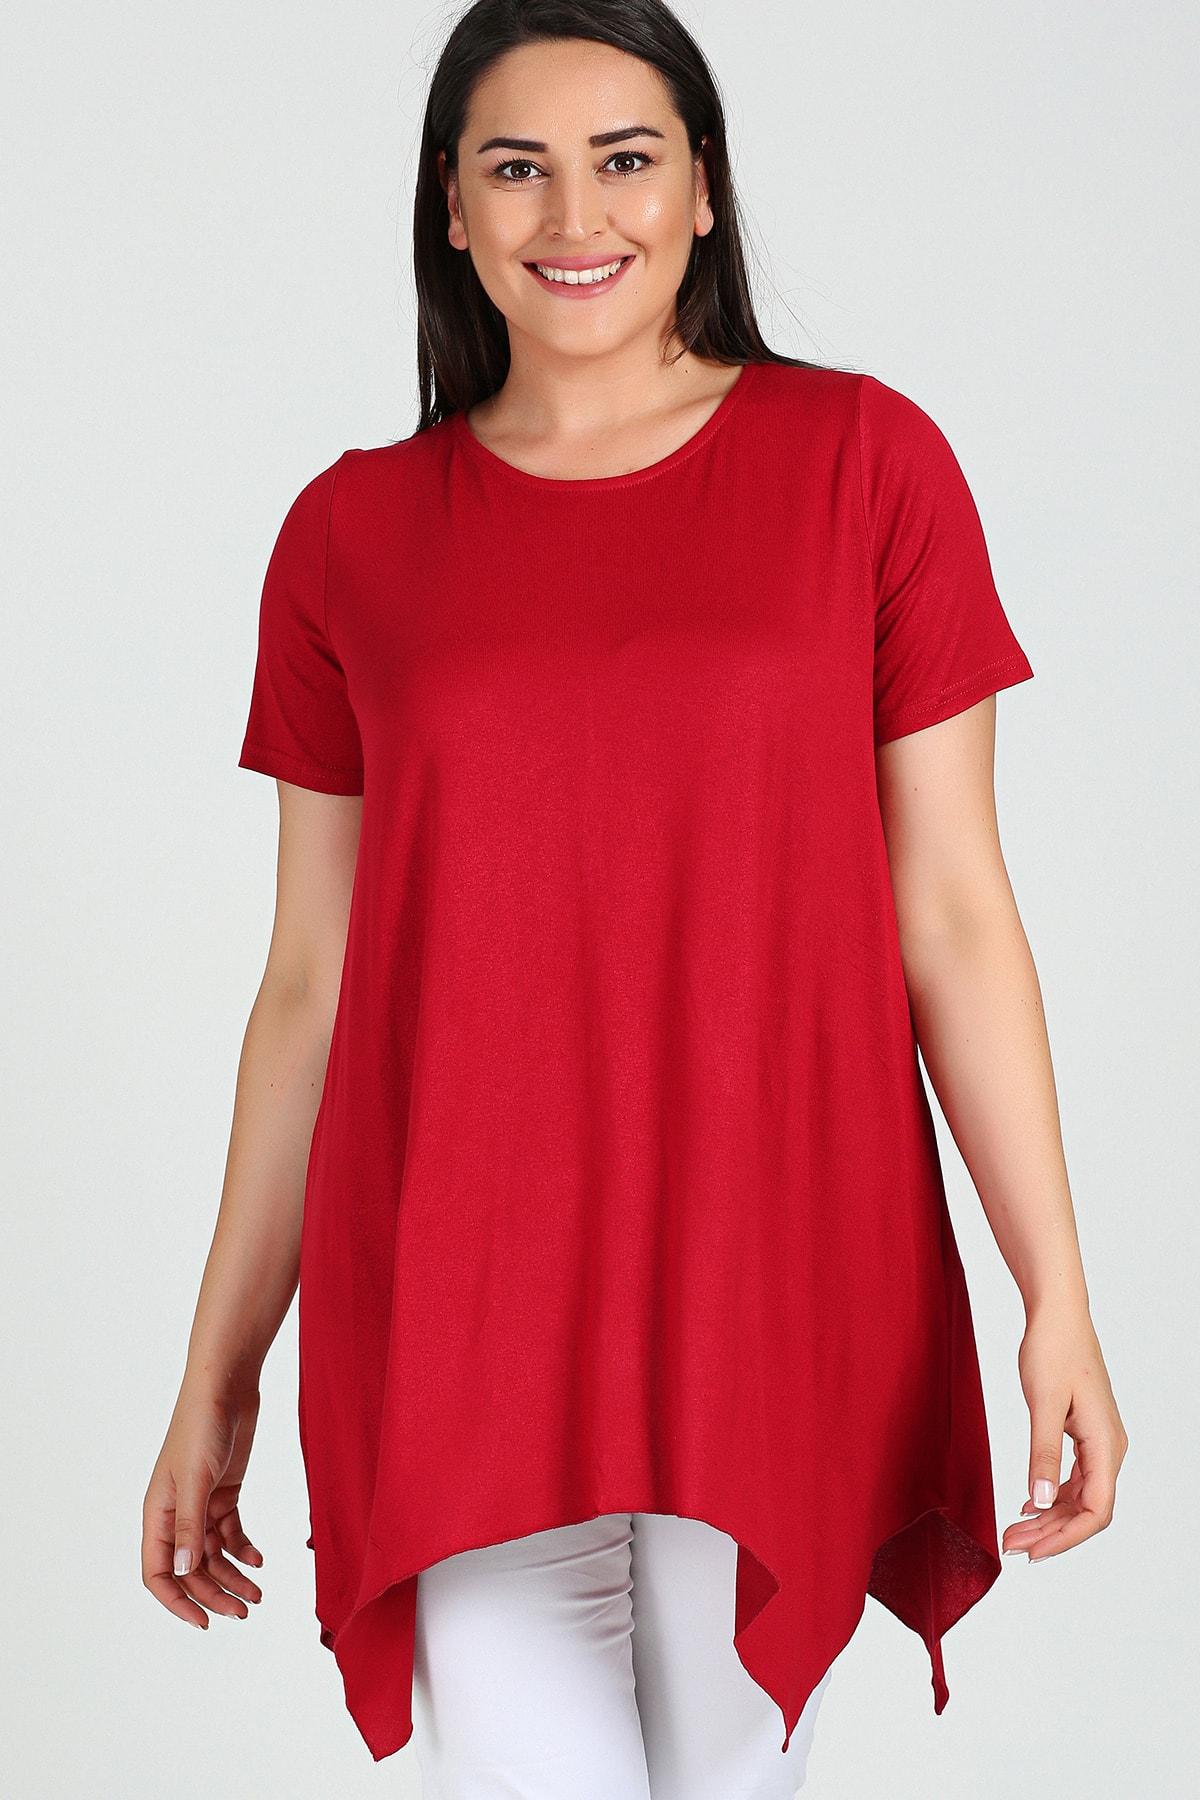 Moda Cazibe Büyük Beden Kısa Kol Yırtmaçlı Basic Bluz 1